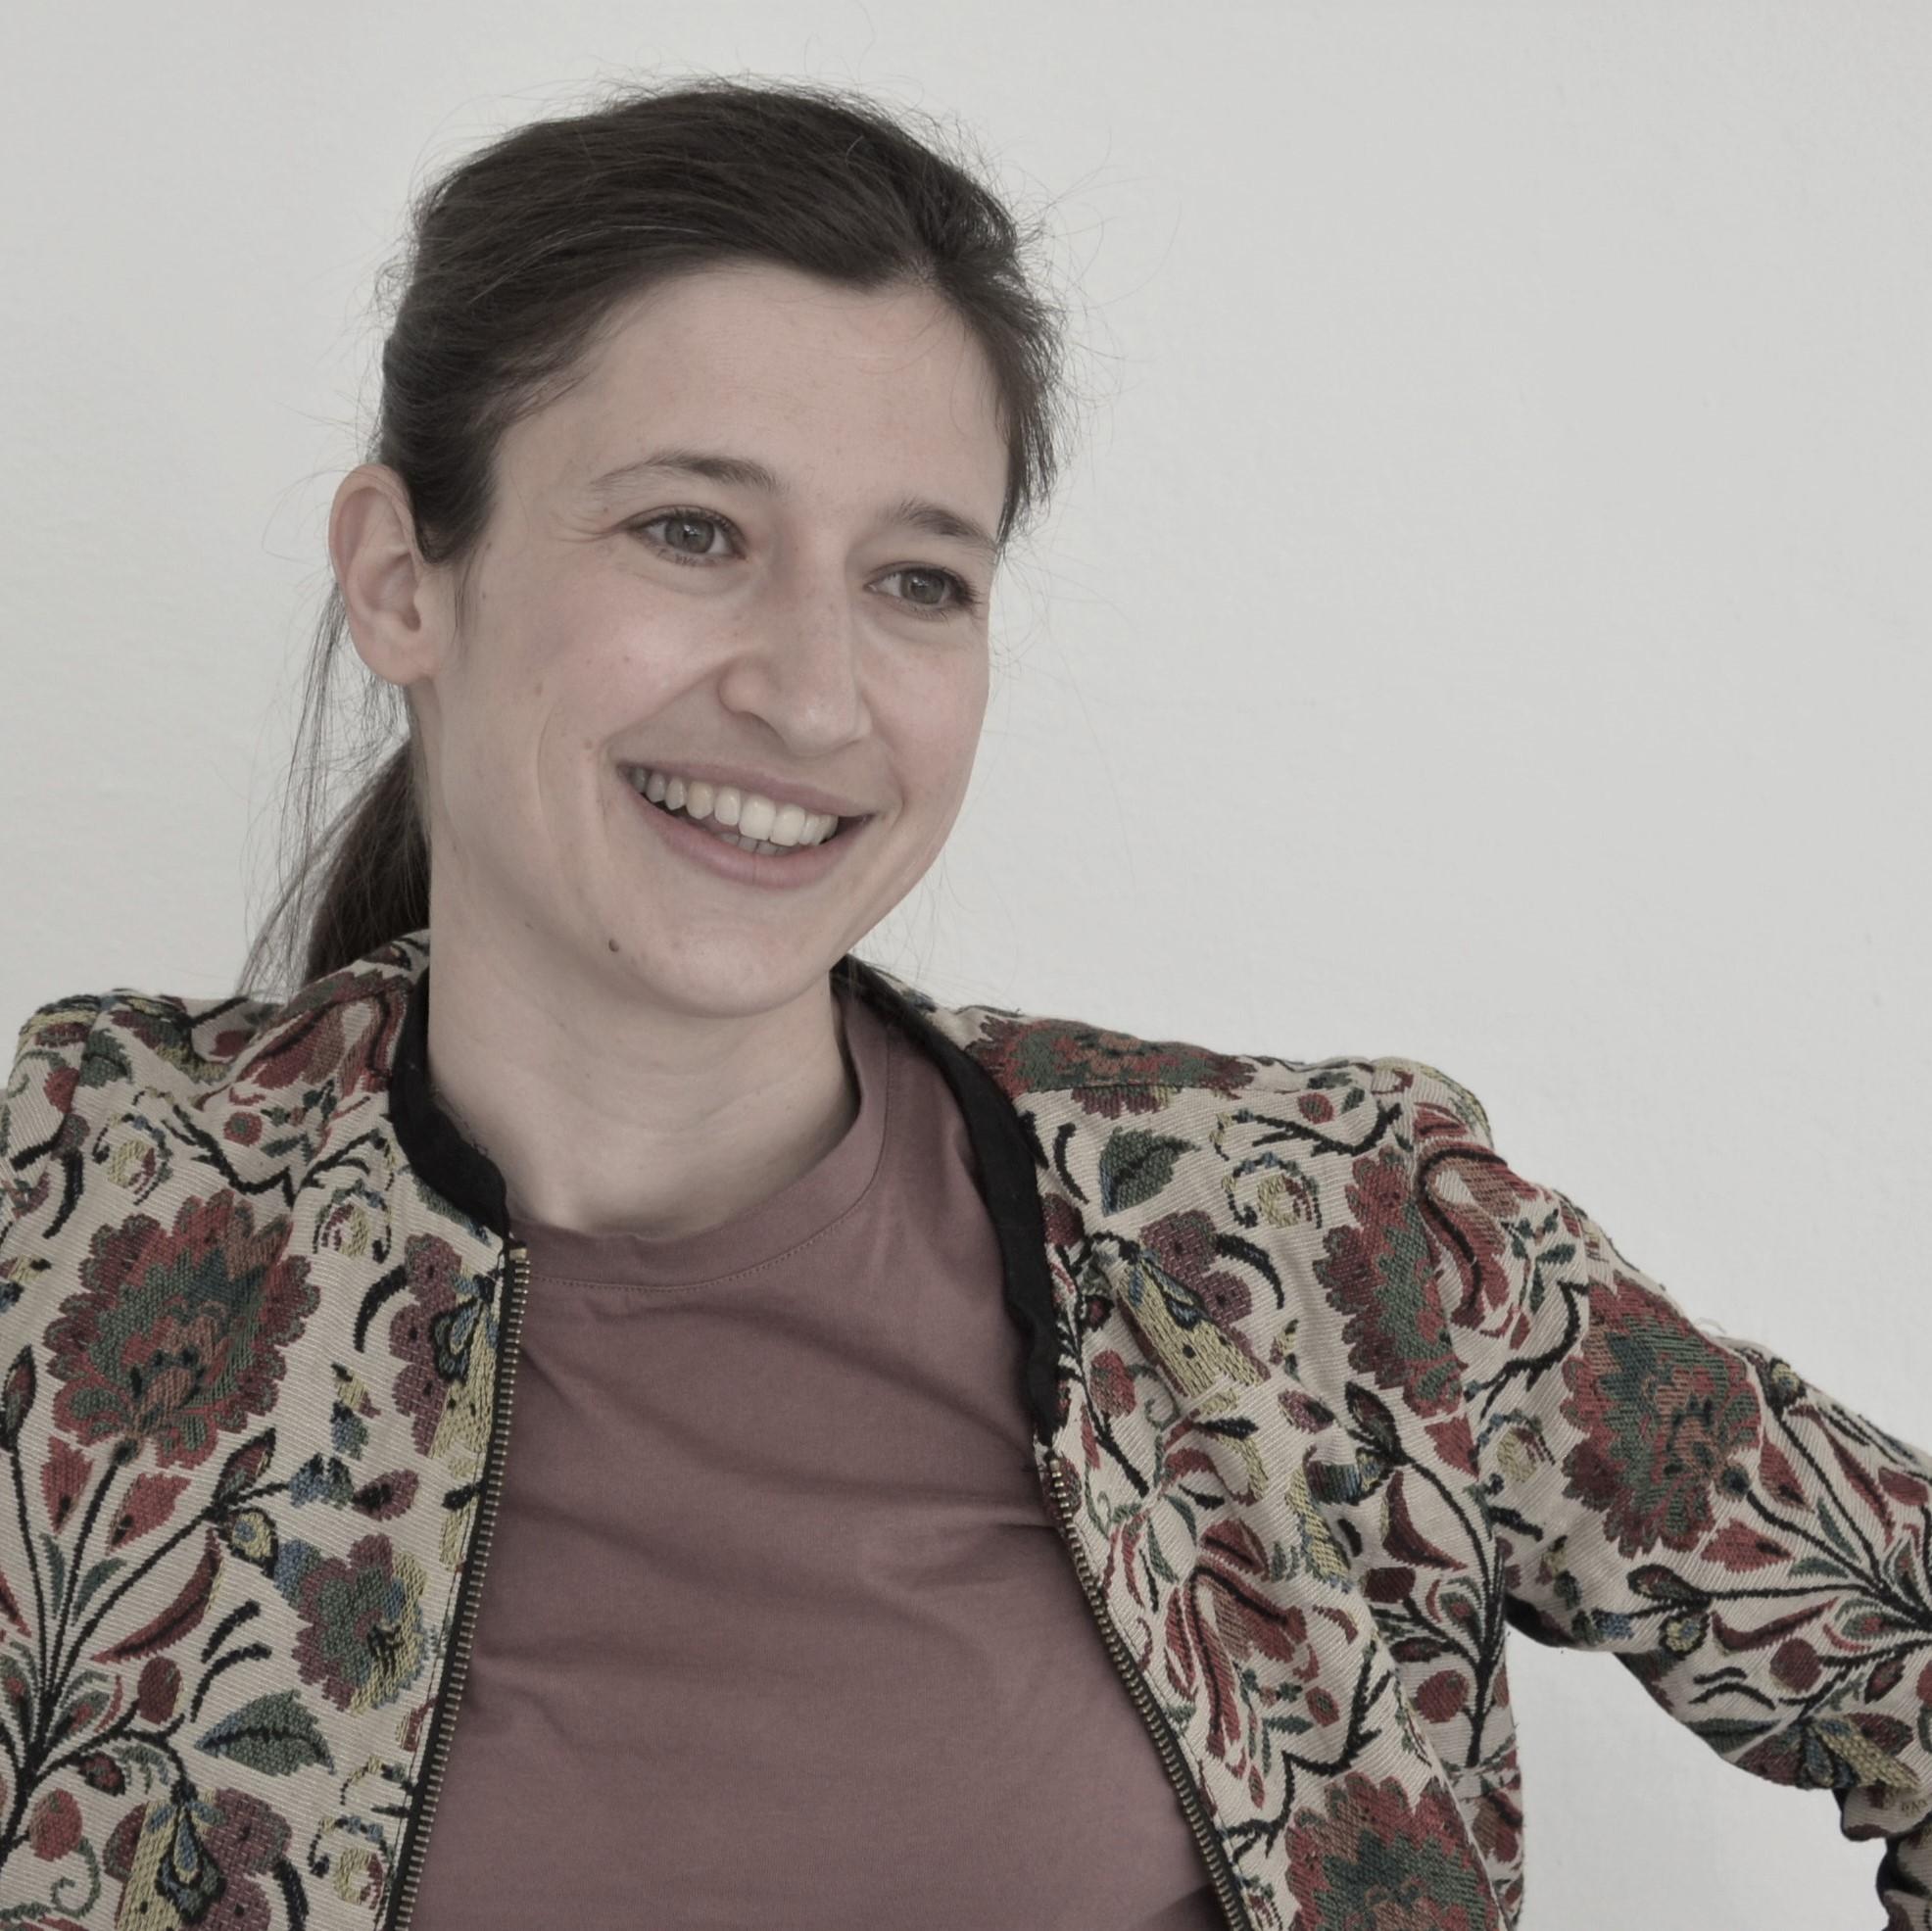 Francesca Imoda